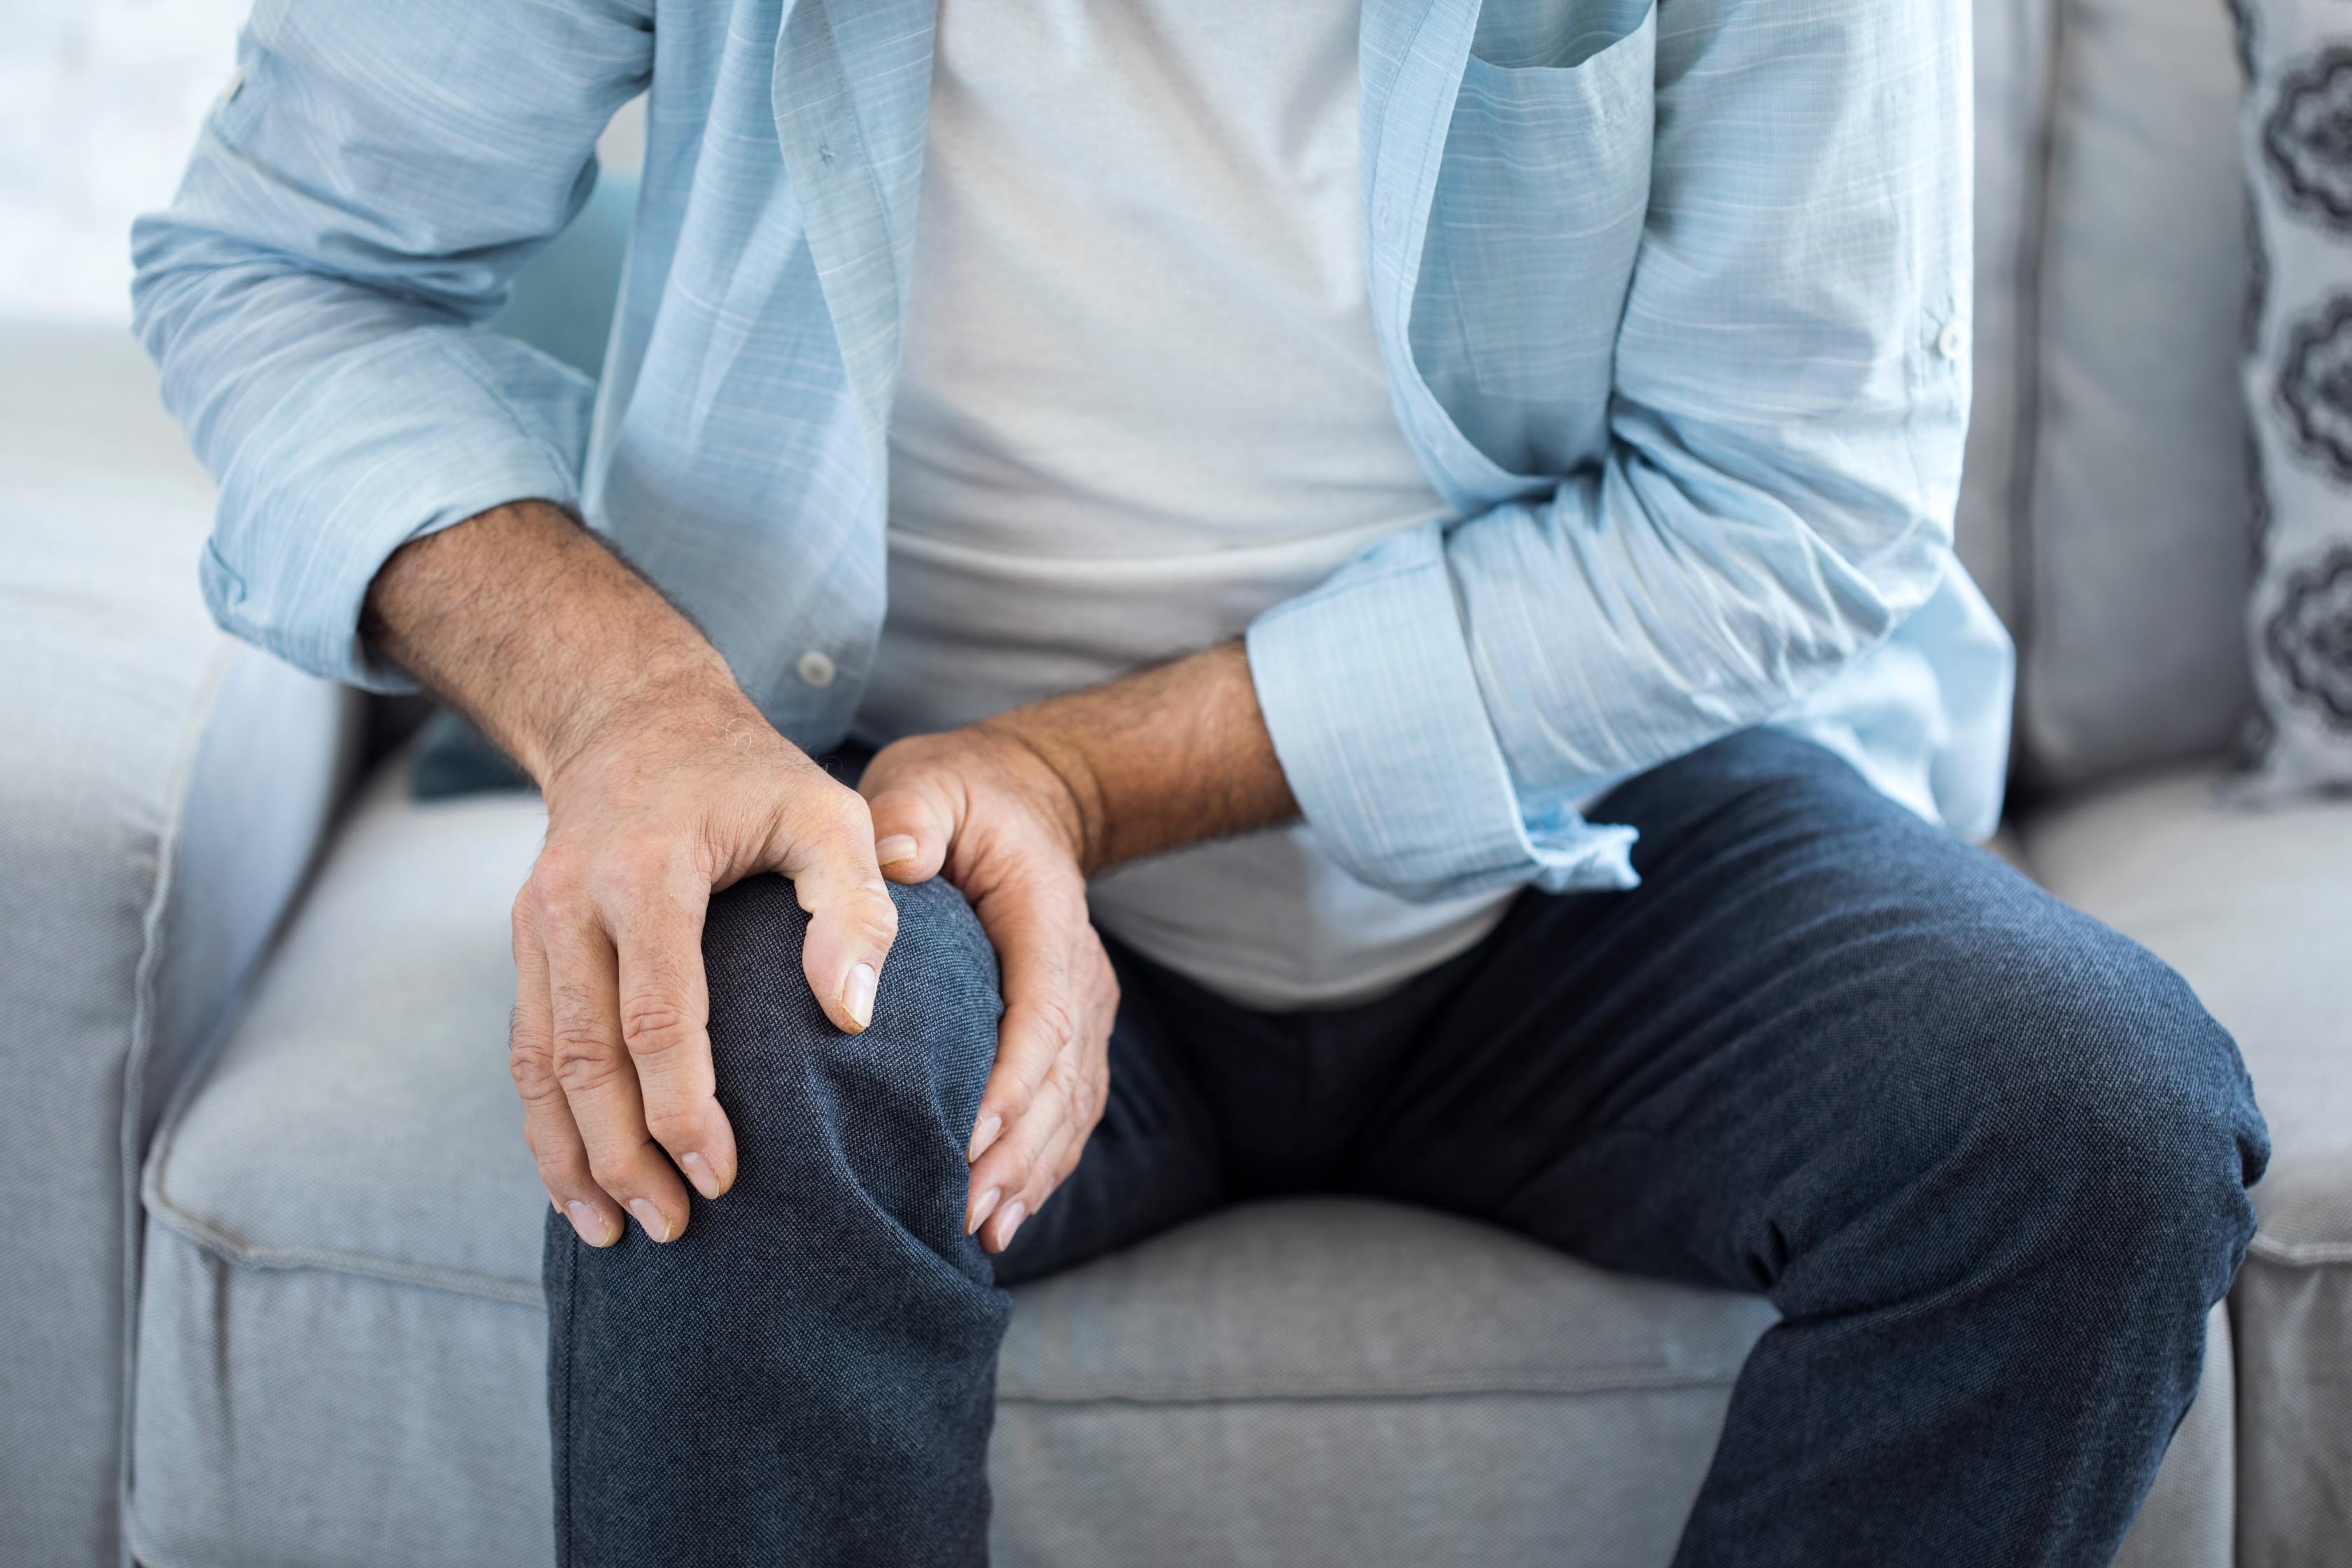 fájdalom, mint a lábak ízületeinek kezelése a jobb oldalon lévő ízületek fájnak